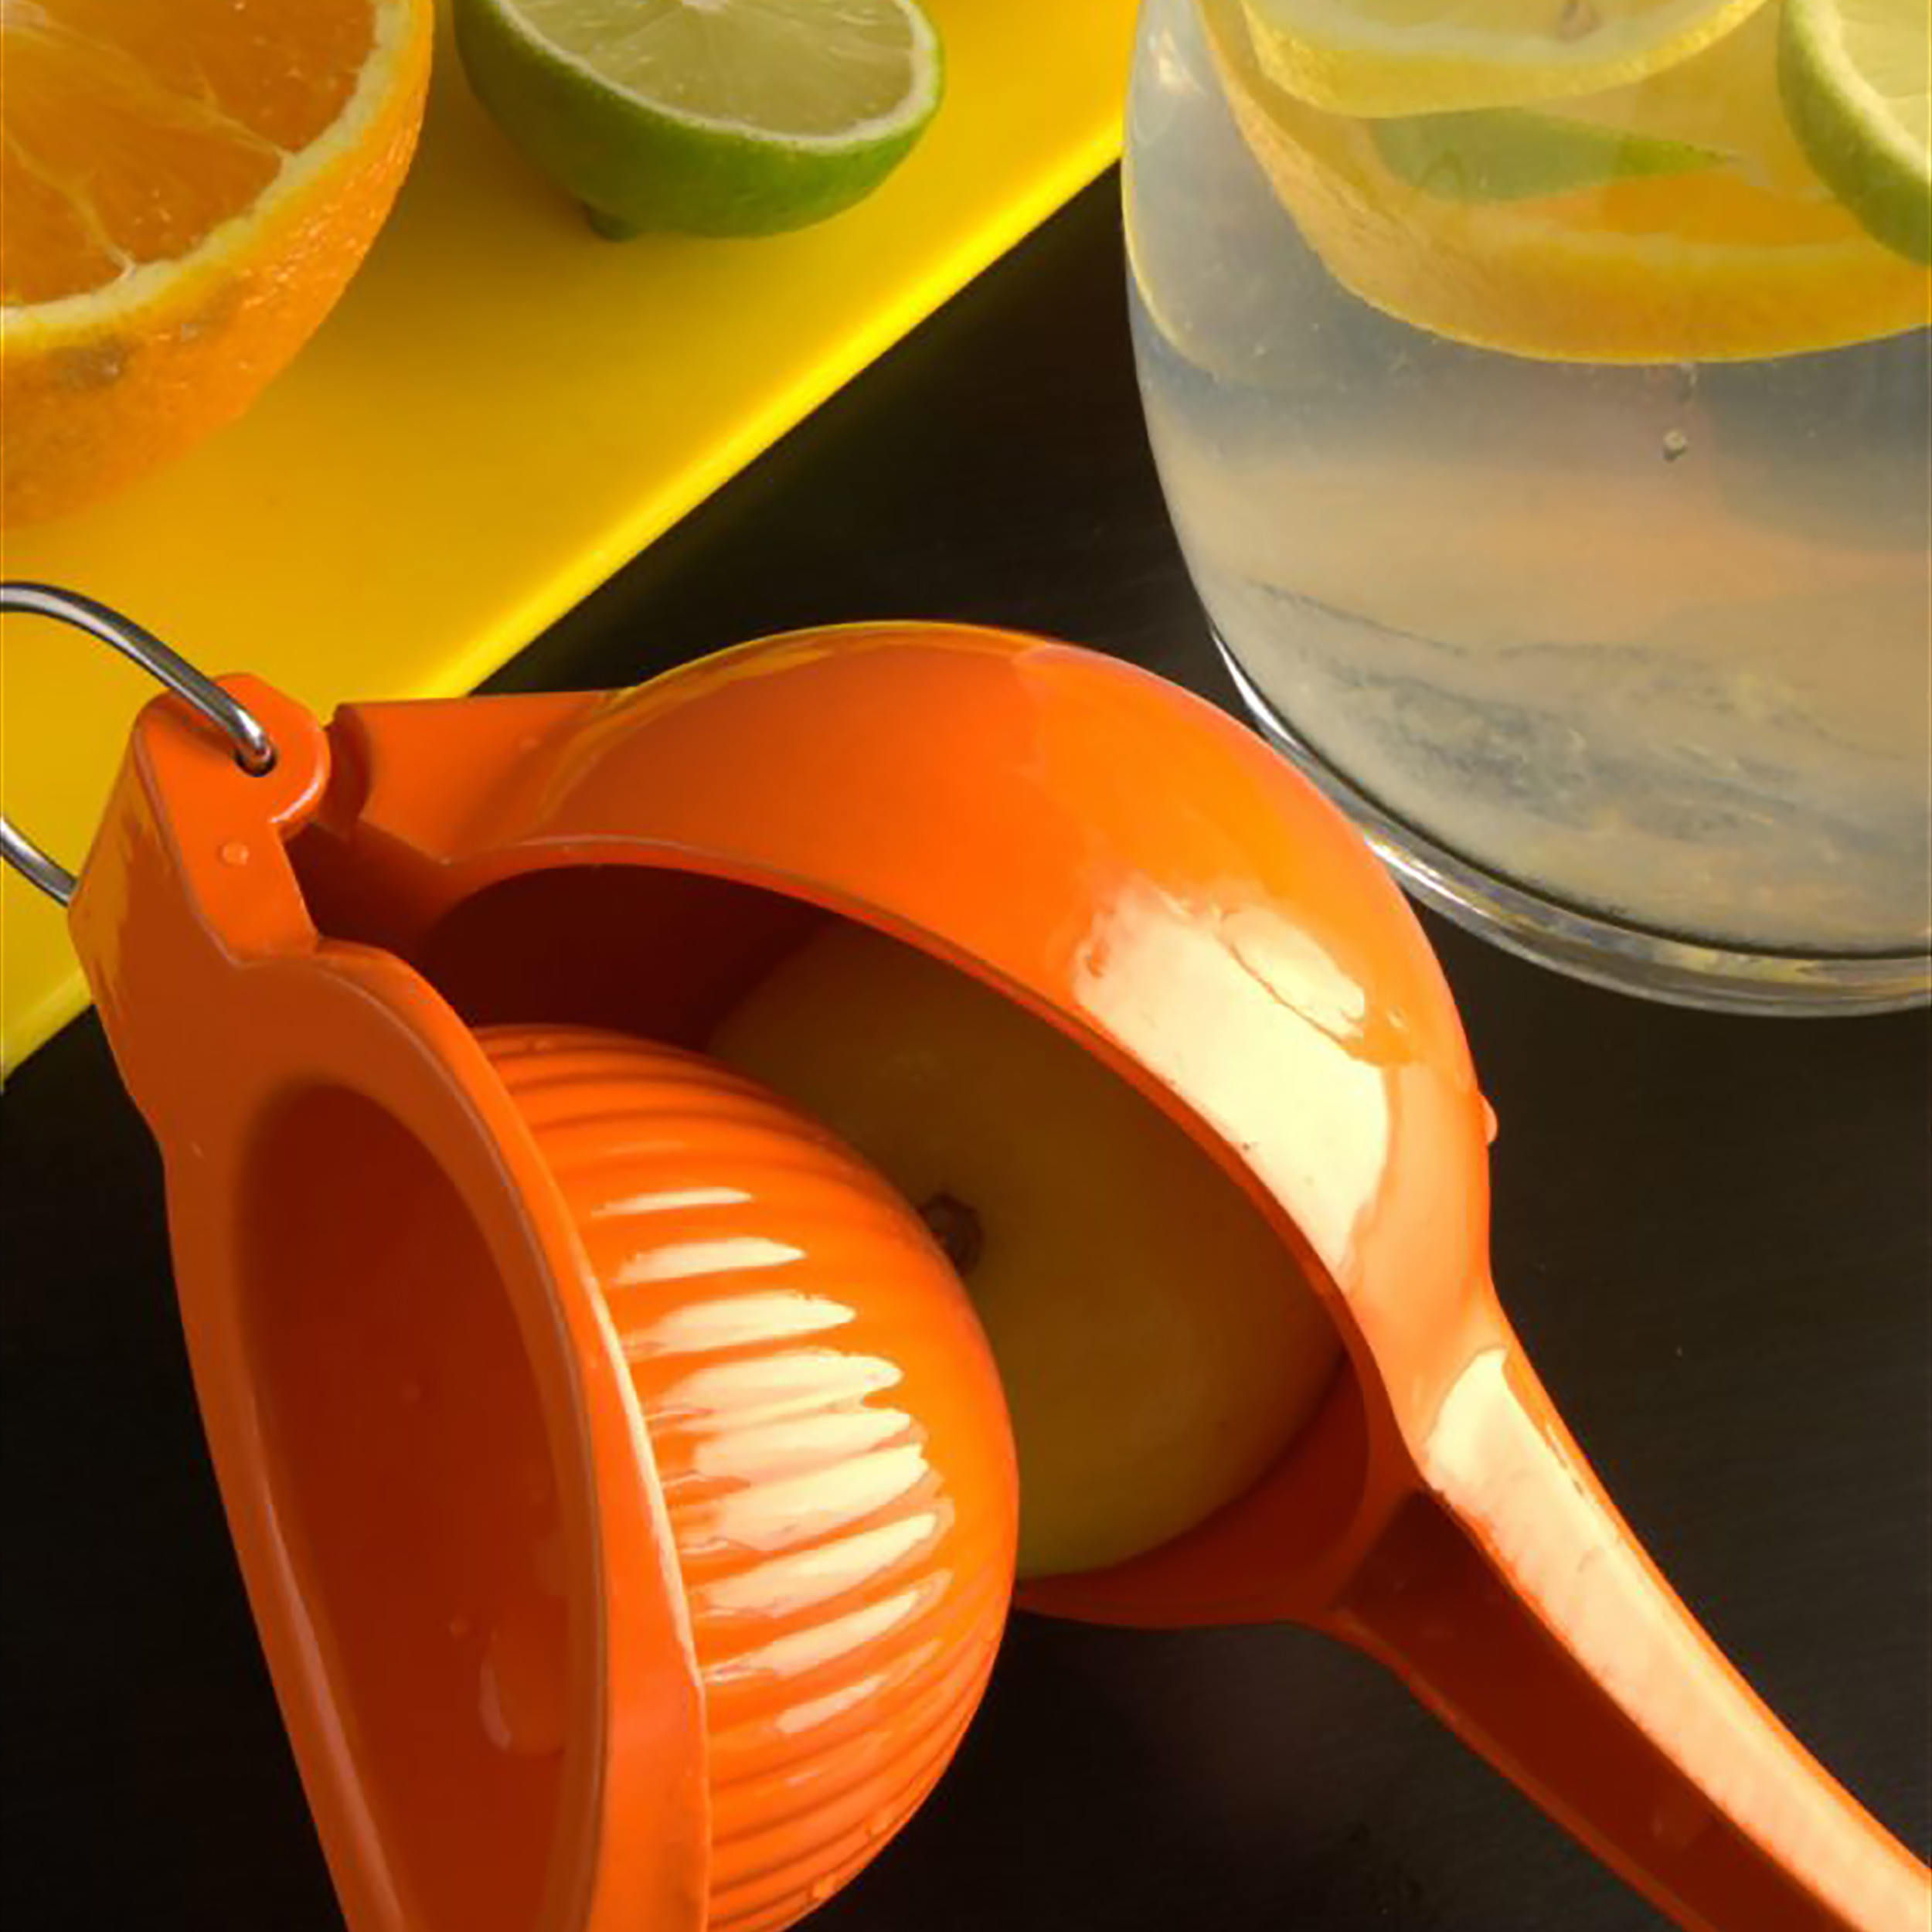 IMUSA Cast Aluminum Orange Squeezer, Orange